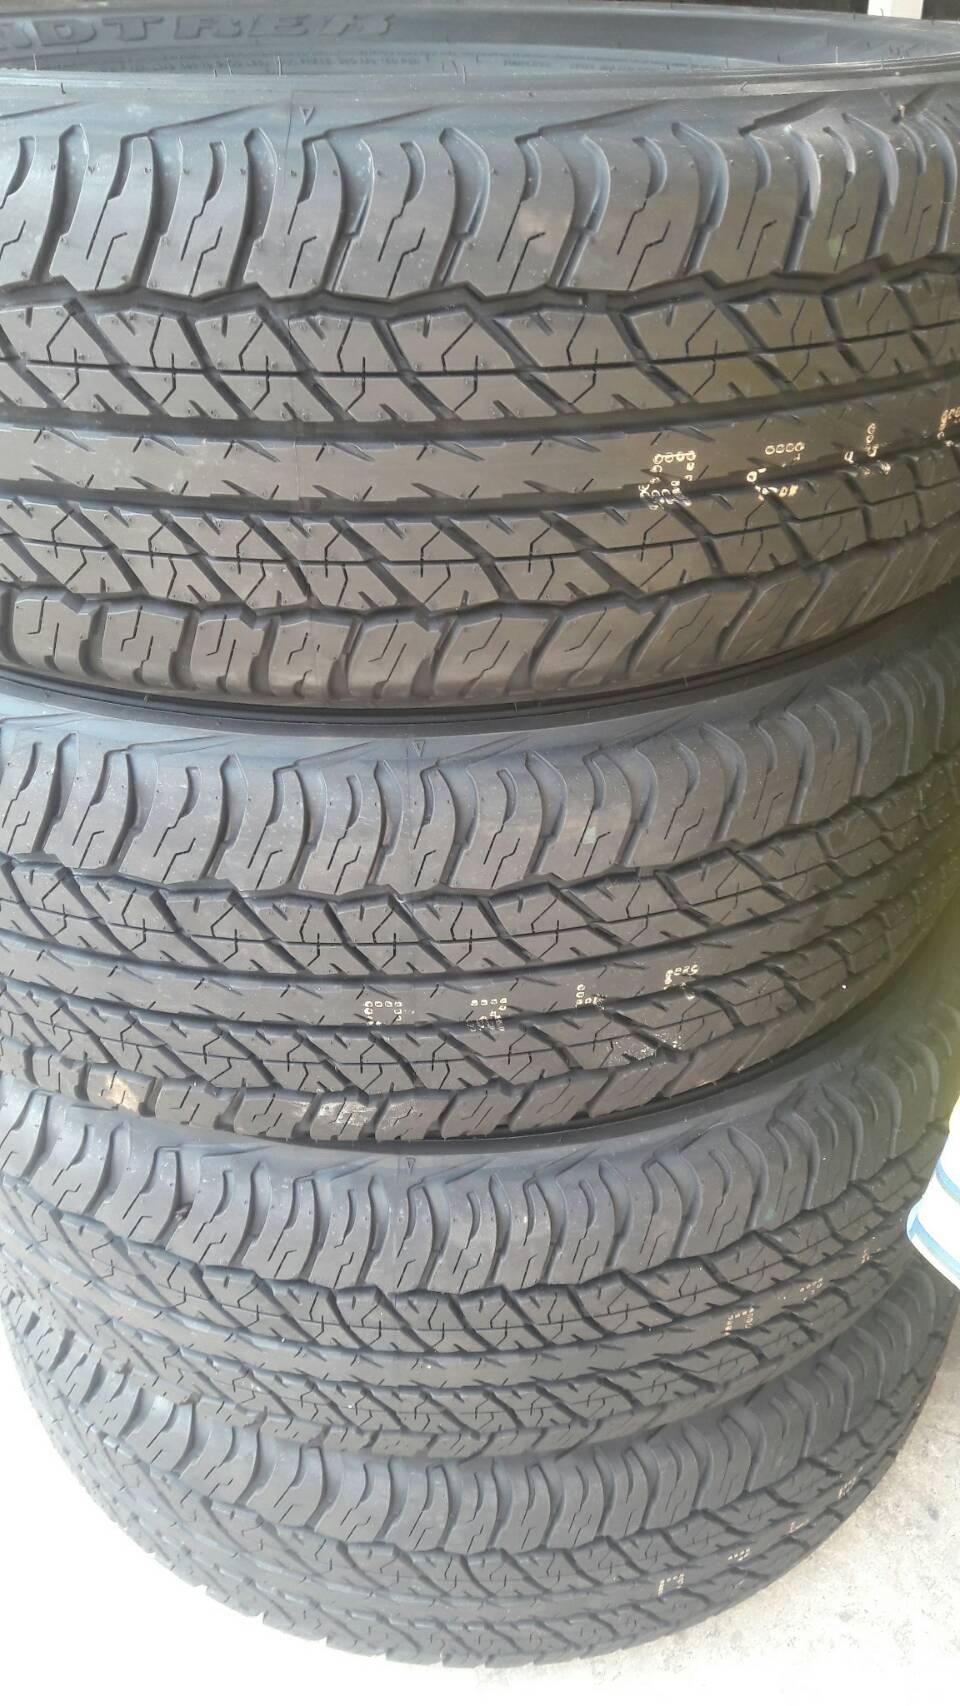 ขายยางใหม่ขนาด 245 R70 16 Dunlop AT20 สัปดาห์ที่ 49 ปี 2017 ราคา 12500 บาท/4 เส้น ราคารวมใส่-ถ่วง